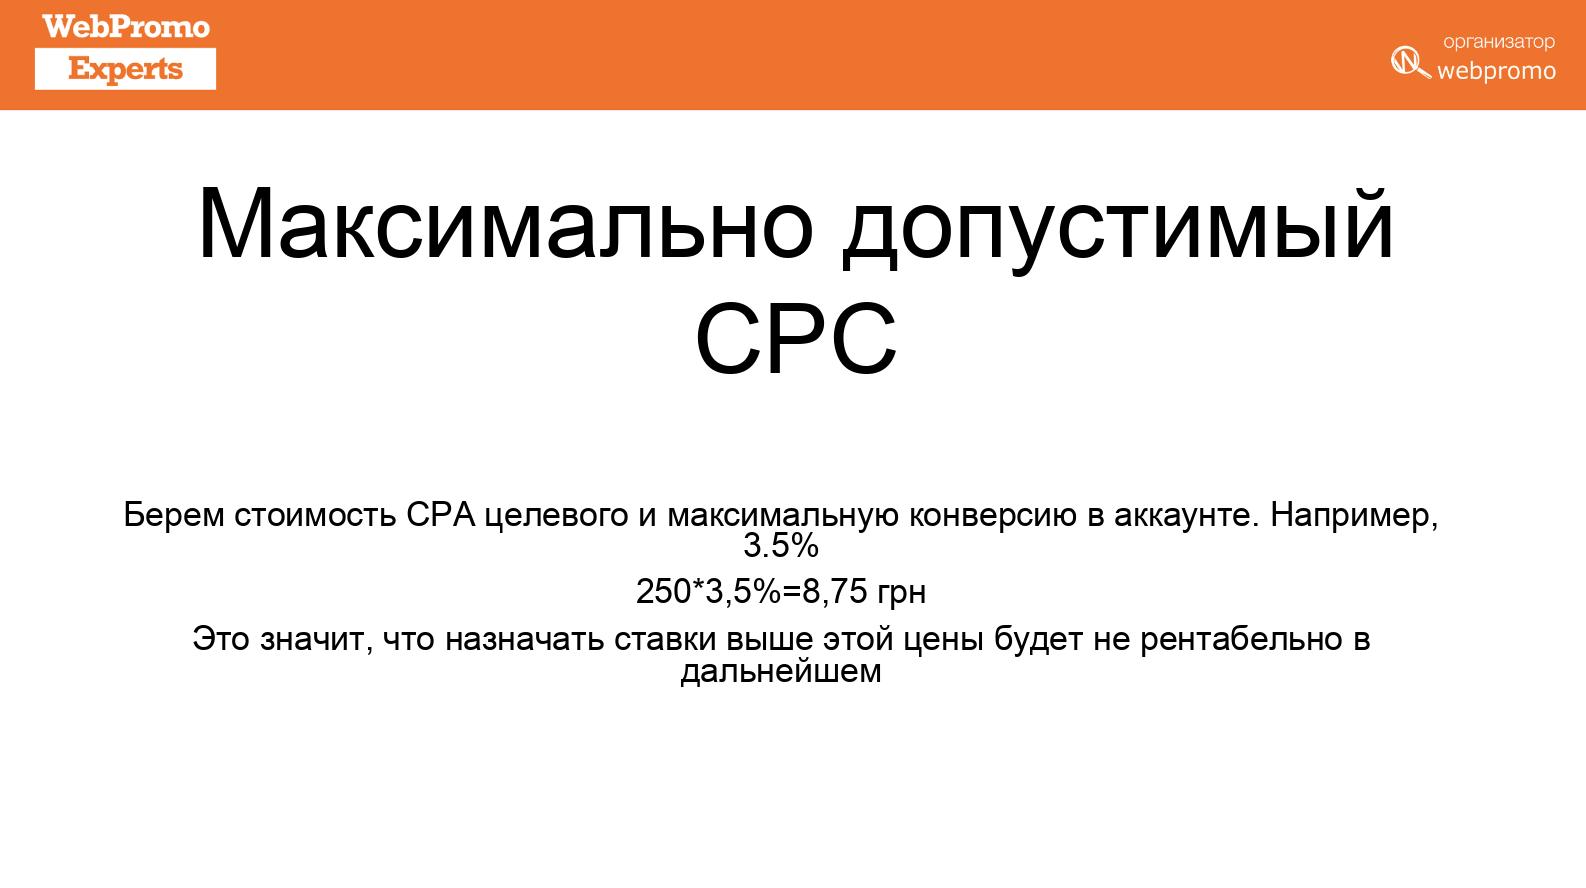 У РРС-специалистов есть такое понятие, как «максимальный CPC»